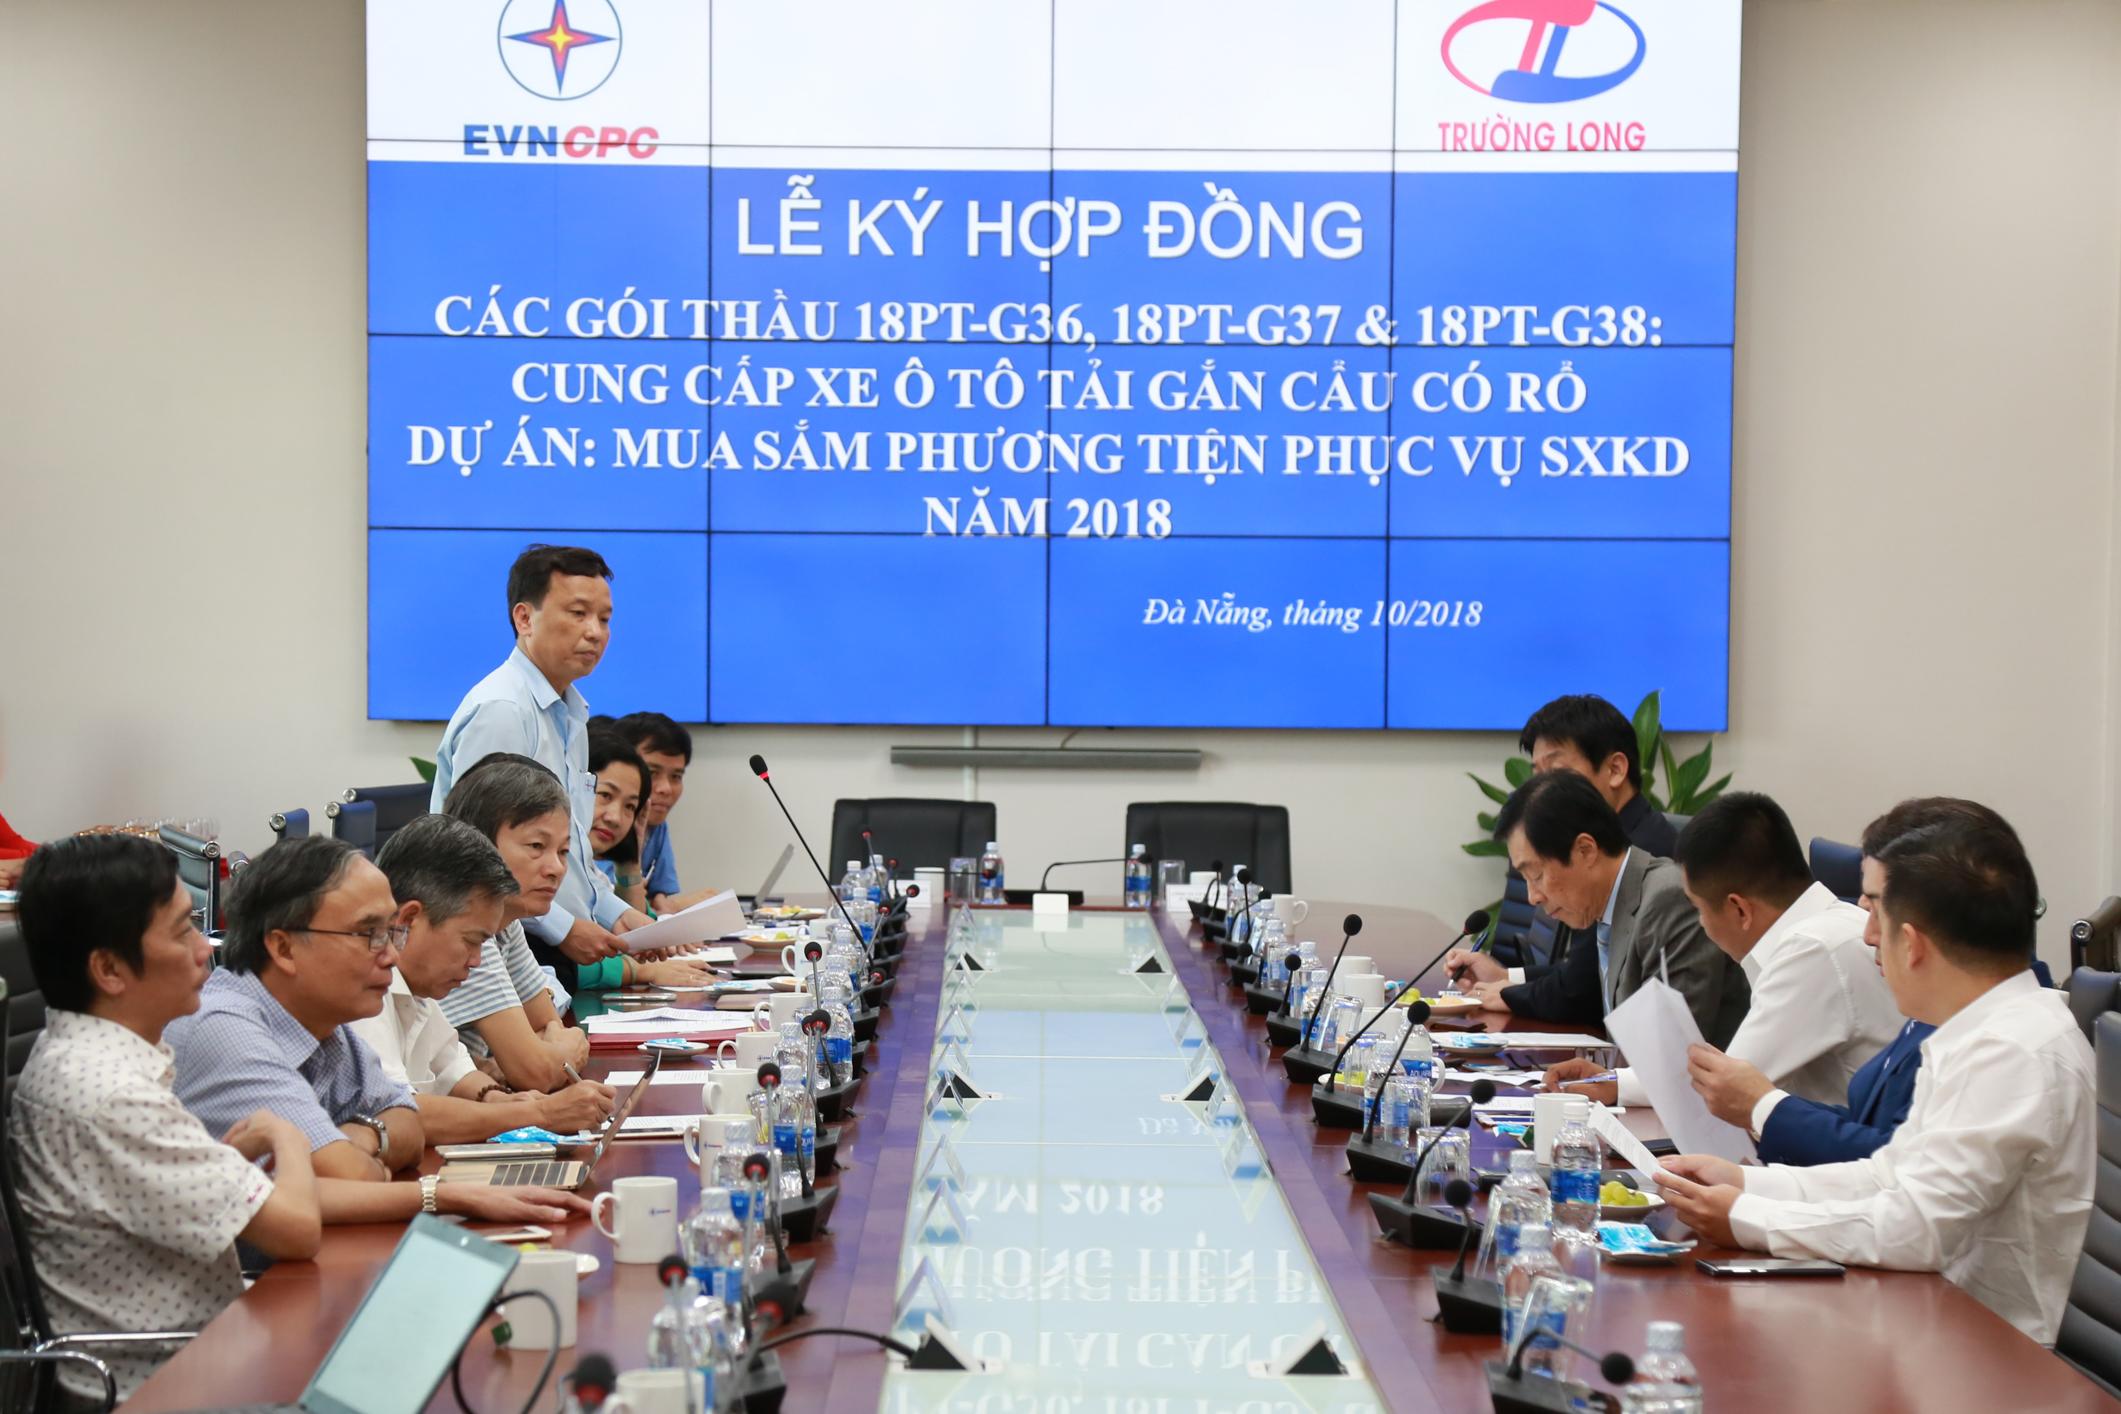 EVNCPC: Tổ chức ký kết hợp đồng cung cấp xe ô tô tải